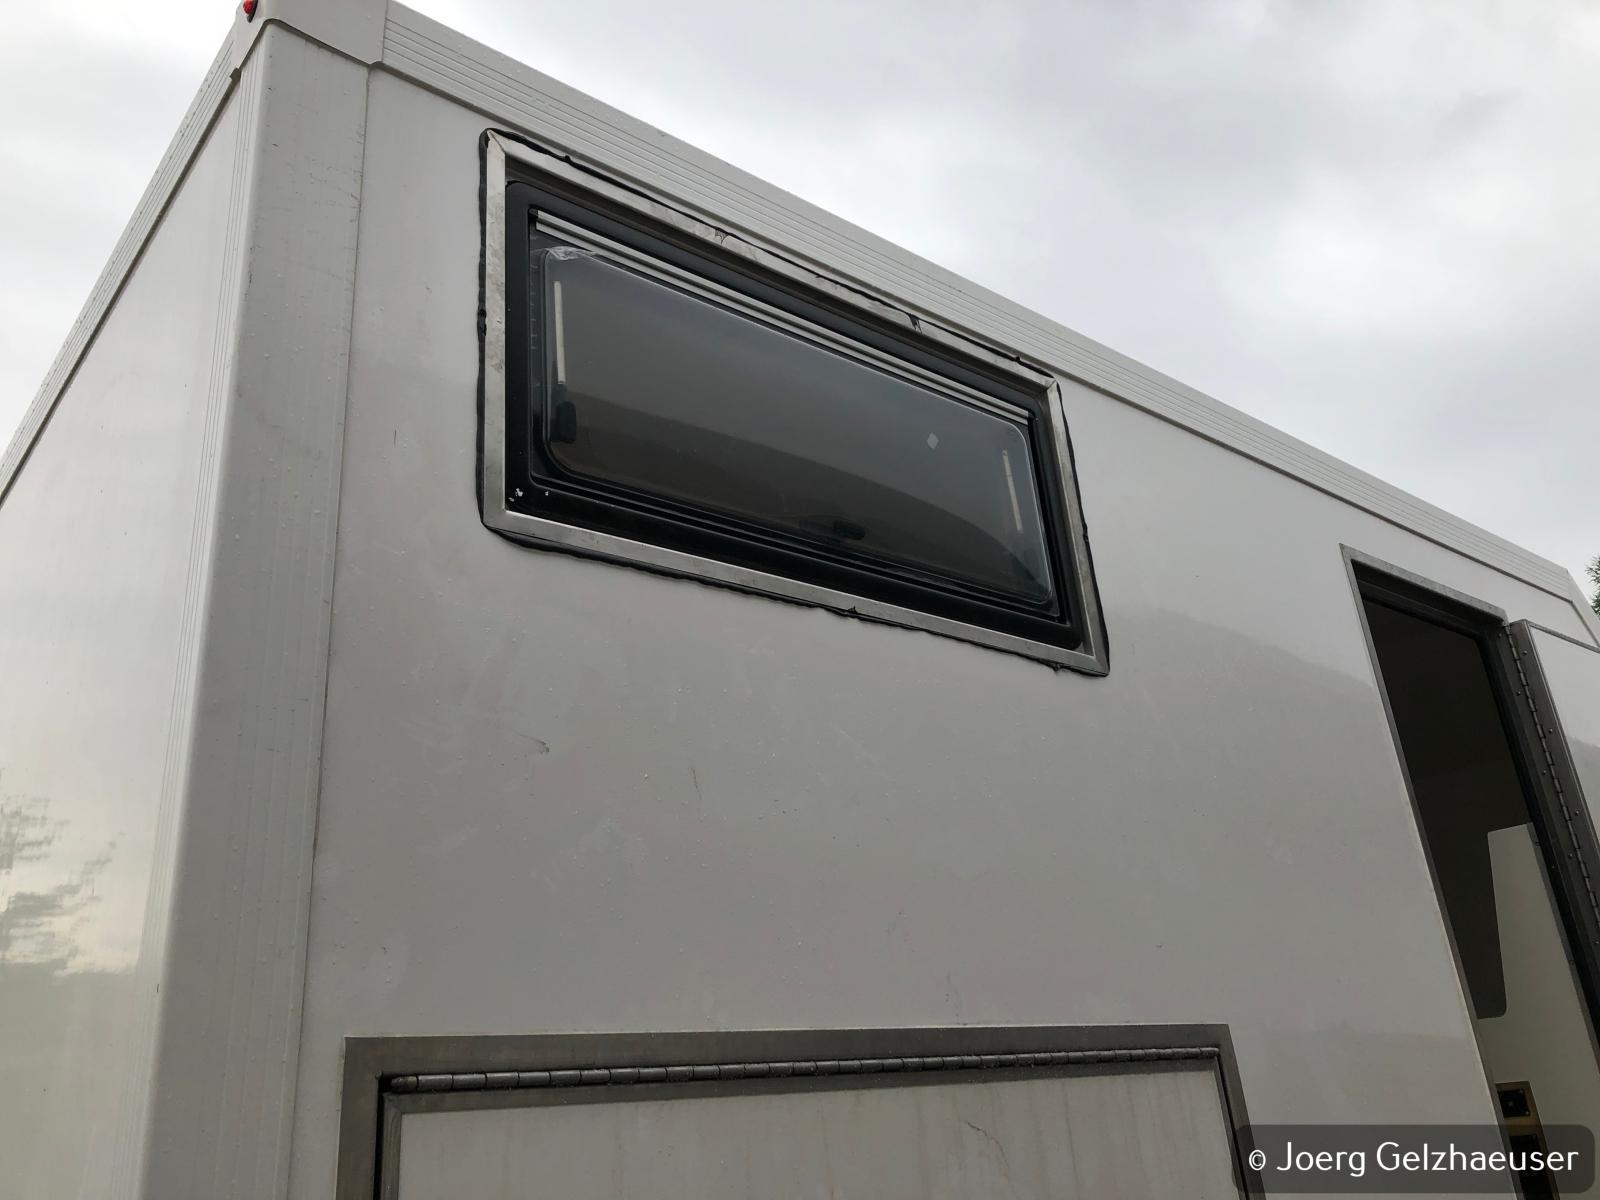 Unimog - Das universelle Motor-(Fernreise)-Gerät - Fenster eingebaut und großzügig mit Dekalin abgedichtet. 2 Minuten später hat's geregnet. Abschließende Stütznaht mit Polymerkleber.